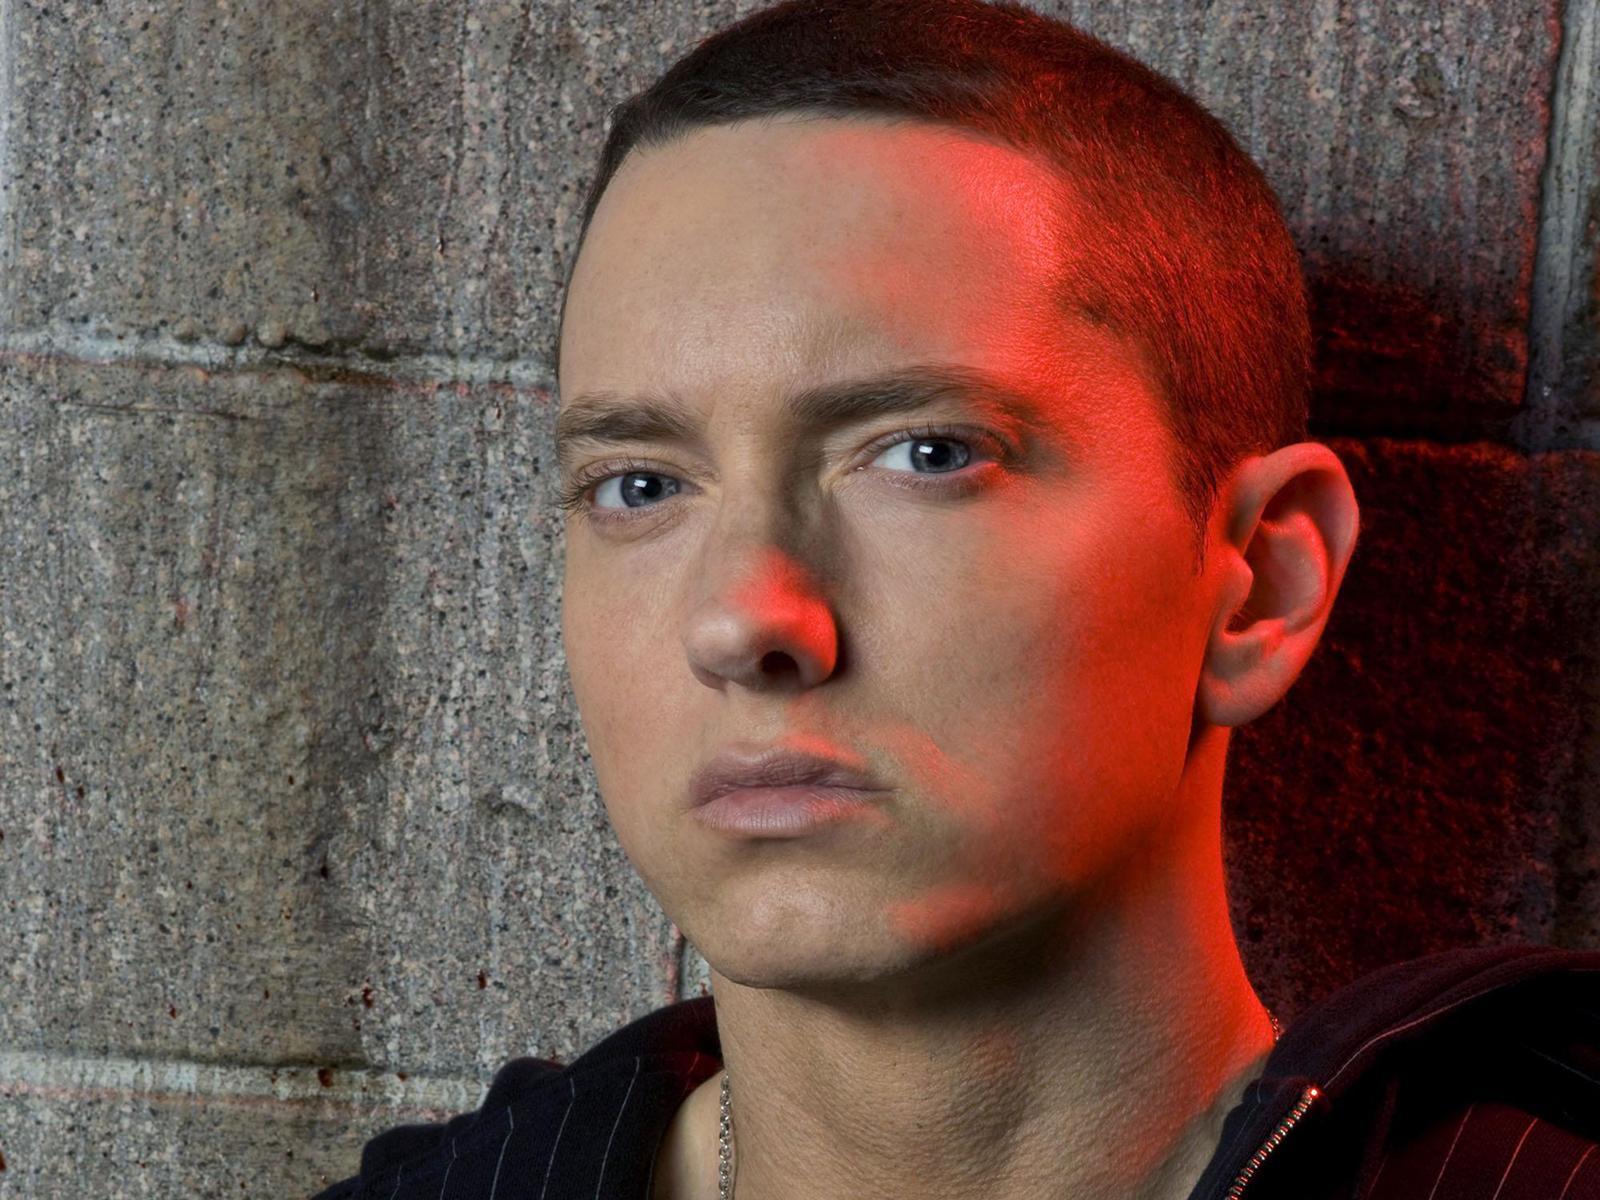 http://2.bp.blogspot.com/-QoLPOYi7juI/UH6cpTrYF7I/AAAAAAAAHLk/XCDGb-MqR8s/s1600/Eminem-Latest-Wallpapers2012.jpg